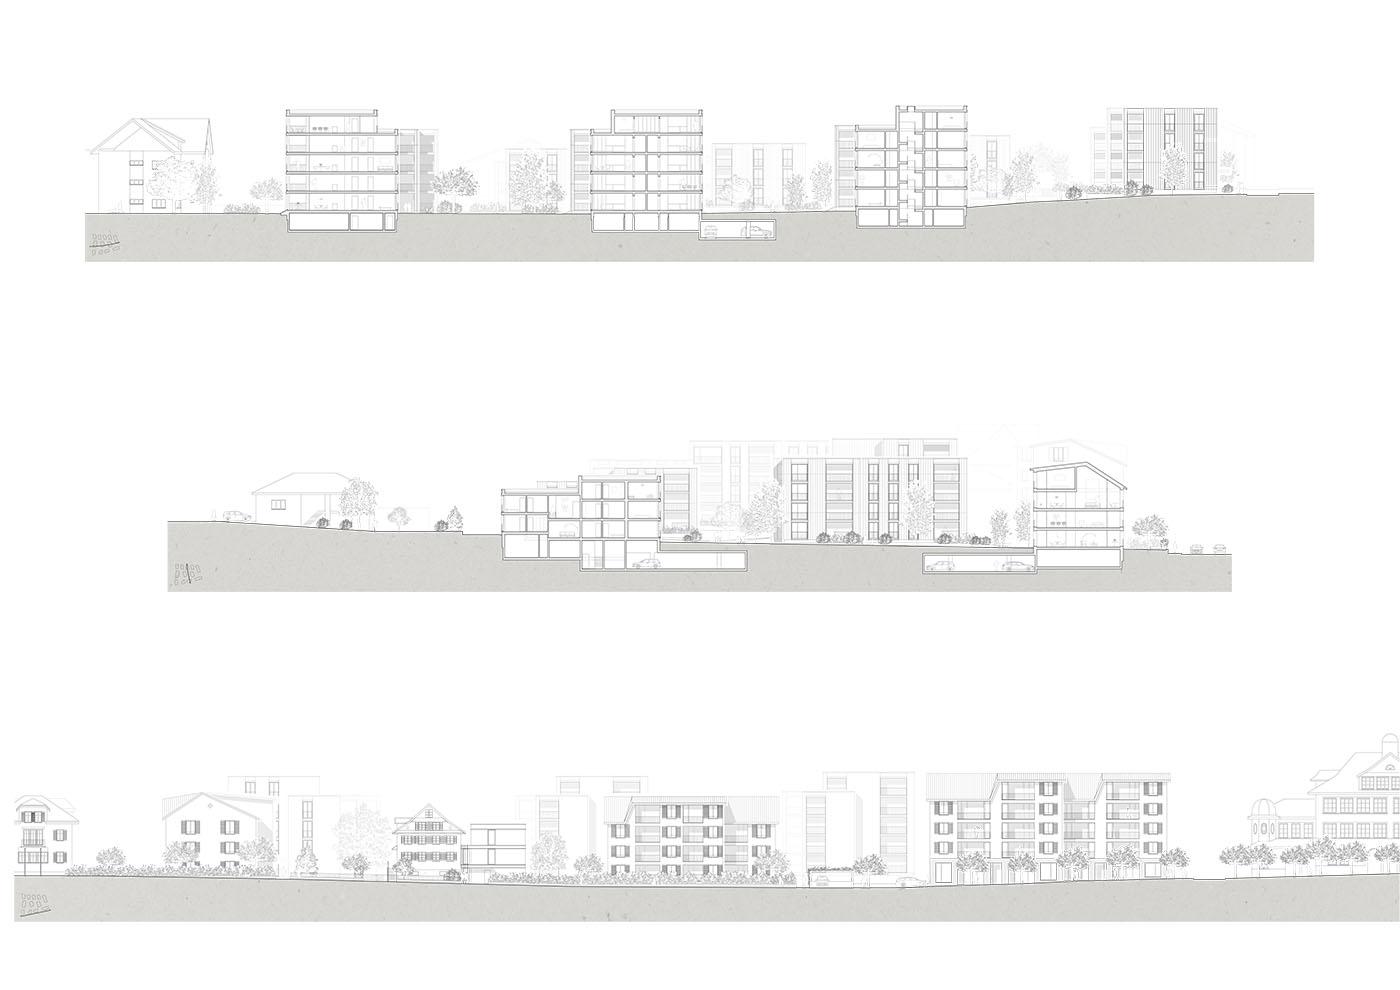 buan architekten – Studienauftrag Areal Schuetzenmatt Inwil – Ansichten – Schnitte